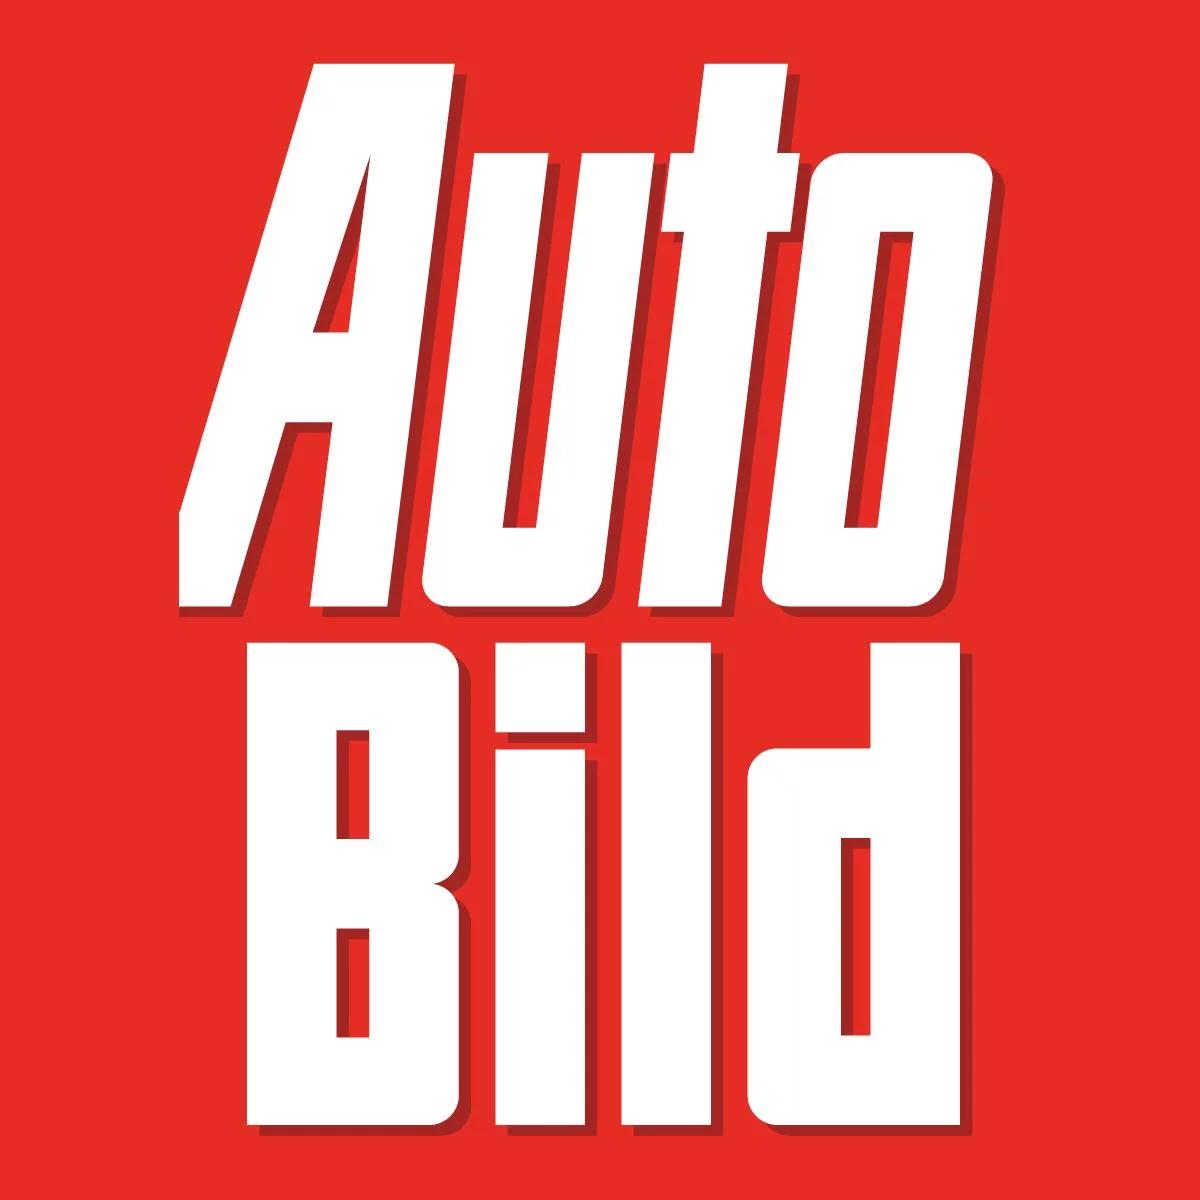 AutoBild téli abroncsteszt 2018 - Újra belestek a karkasz alá is!